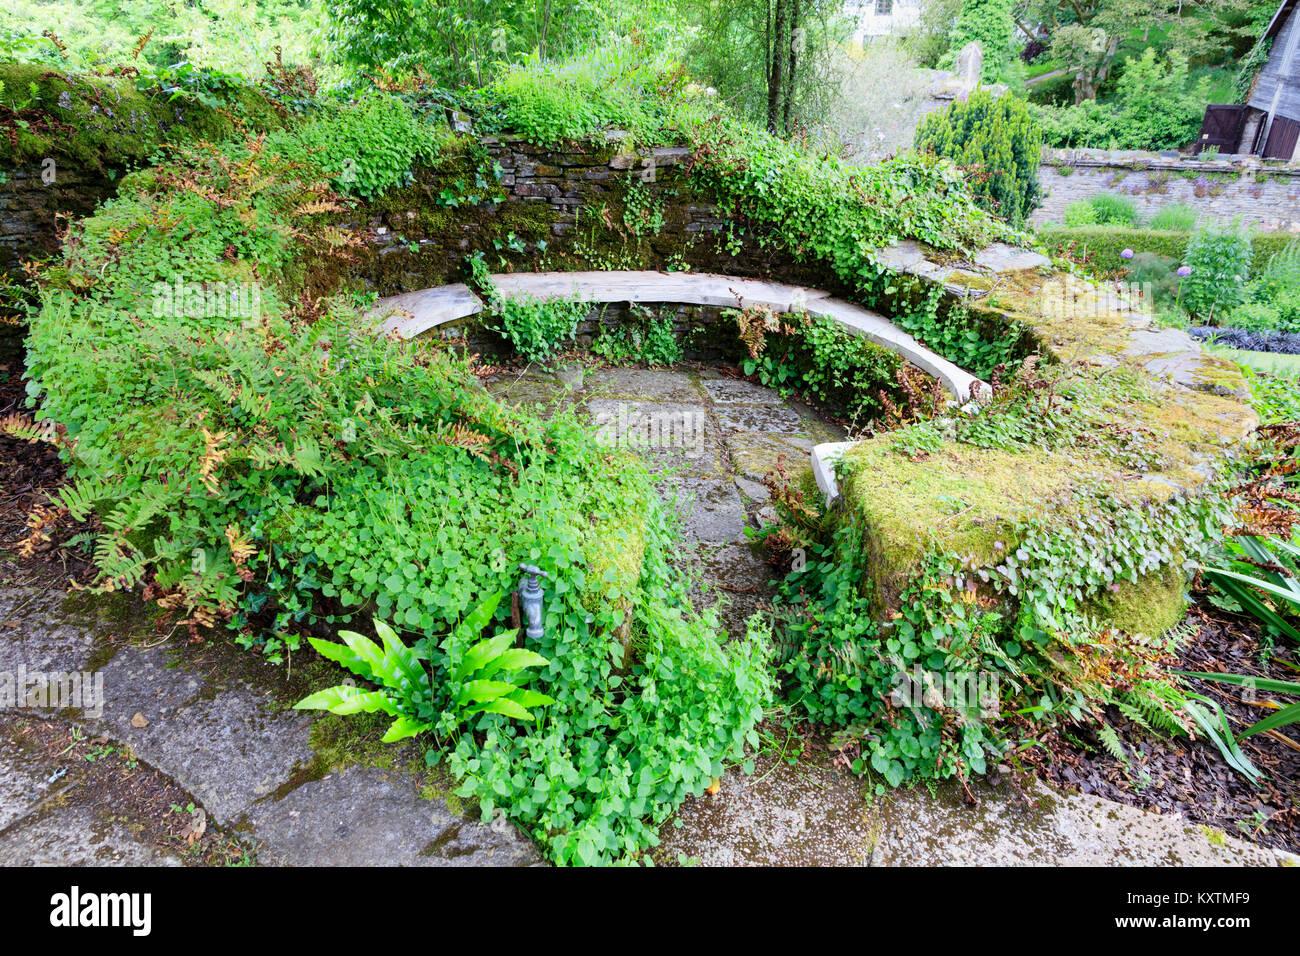 Moos, Farnen Und Glockenblumen Fallenden Stein Wand Eine Schattige  Kreisförmigen Sitzbereich Im Garten Haus, Buckland Monachorum, Devon, UK  Surround